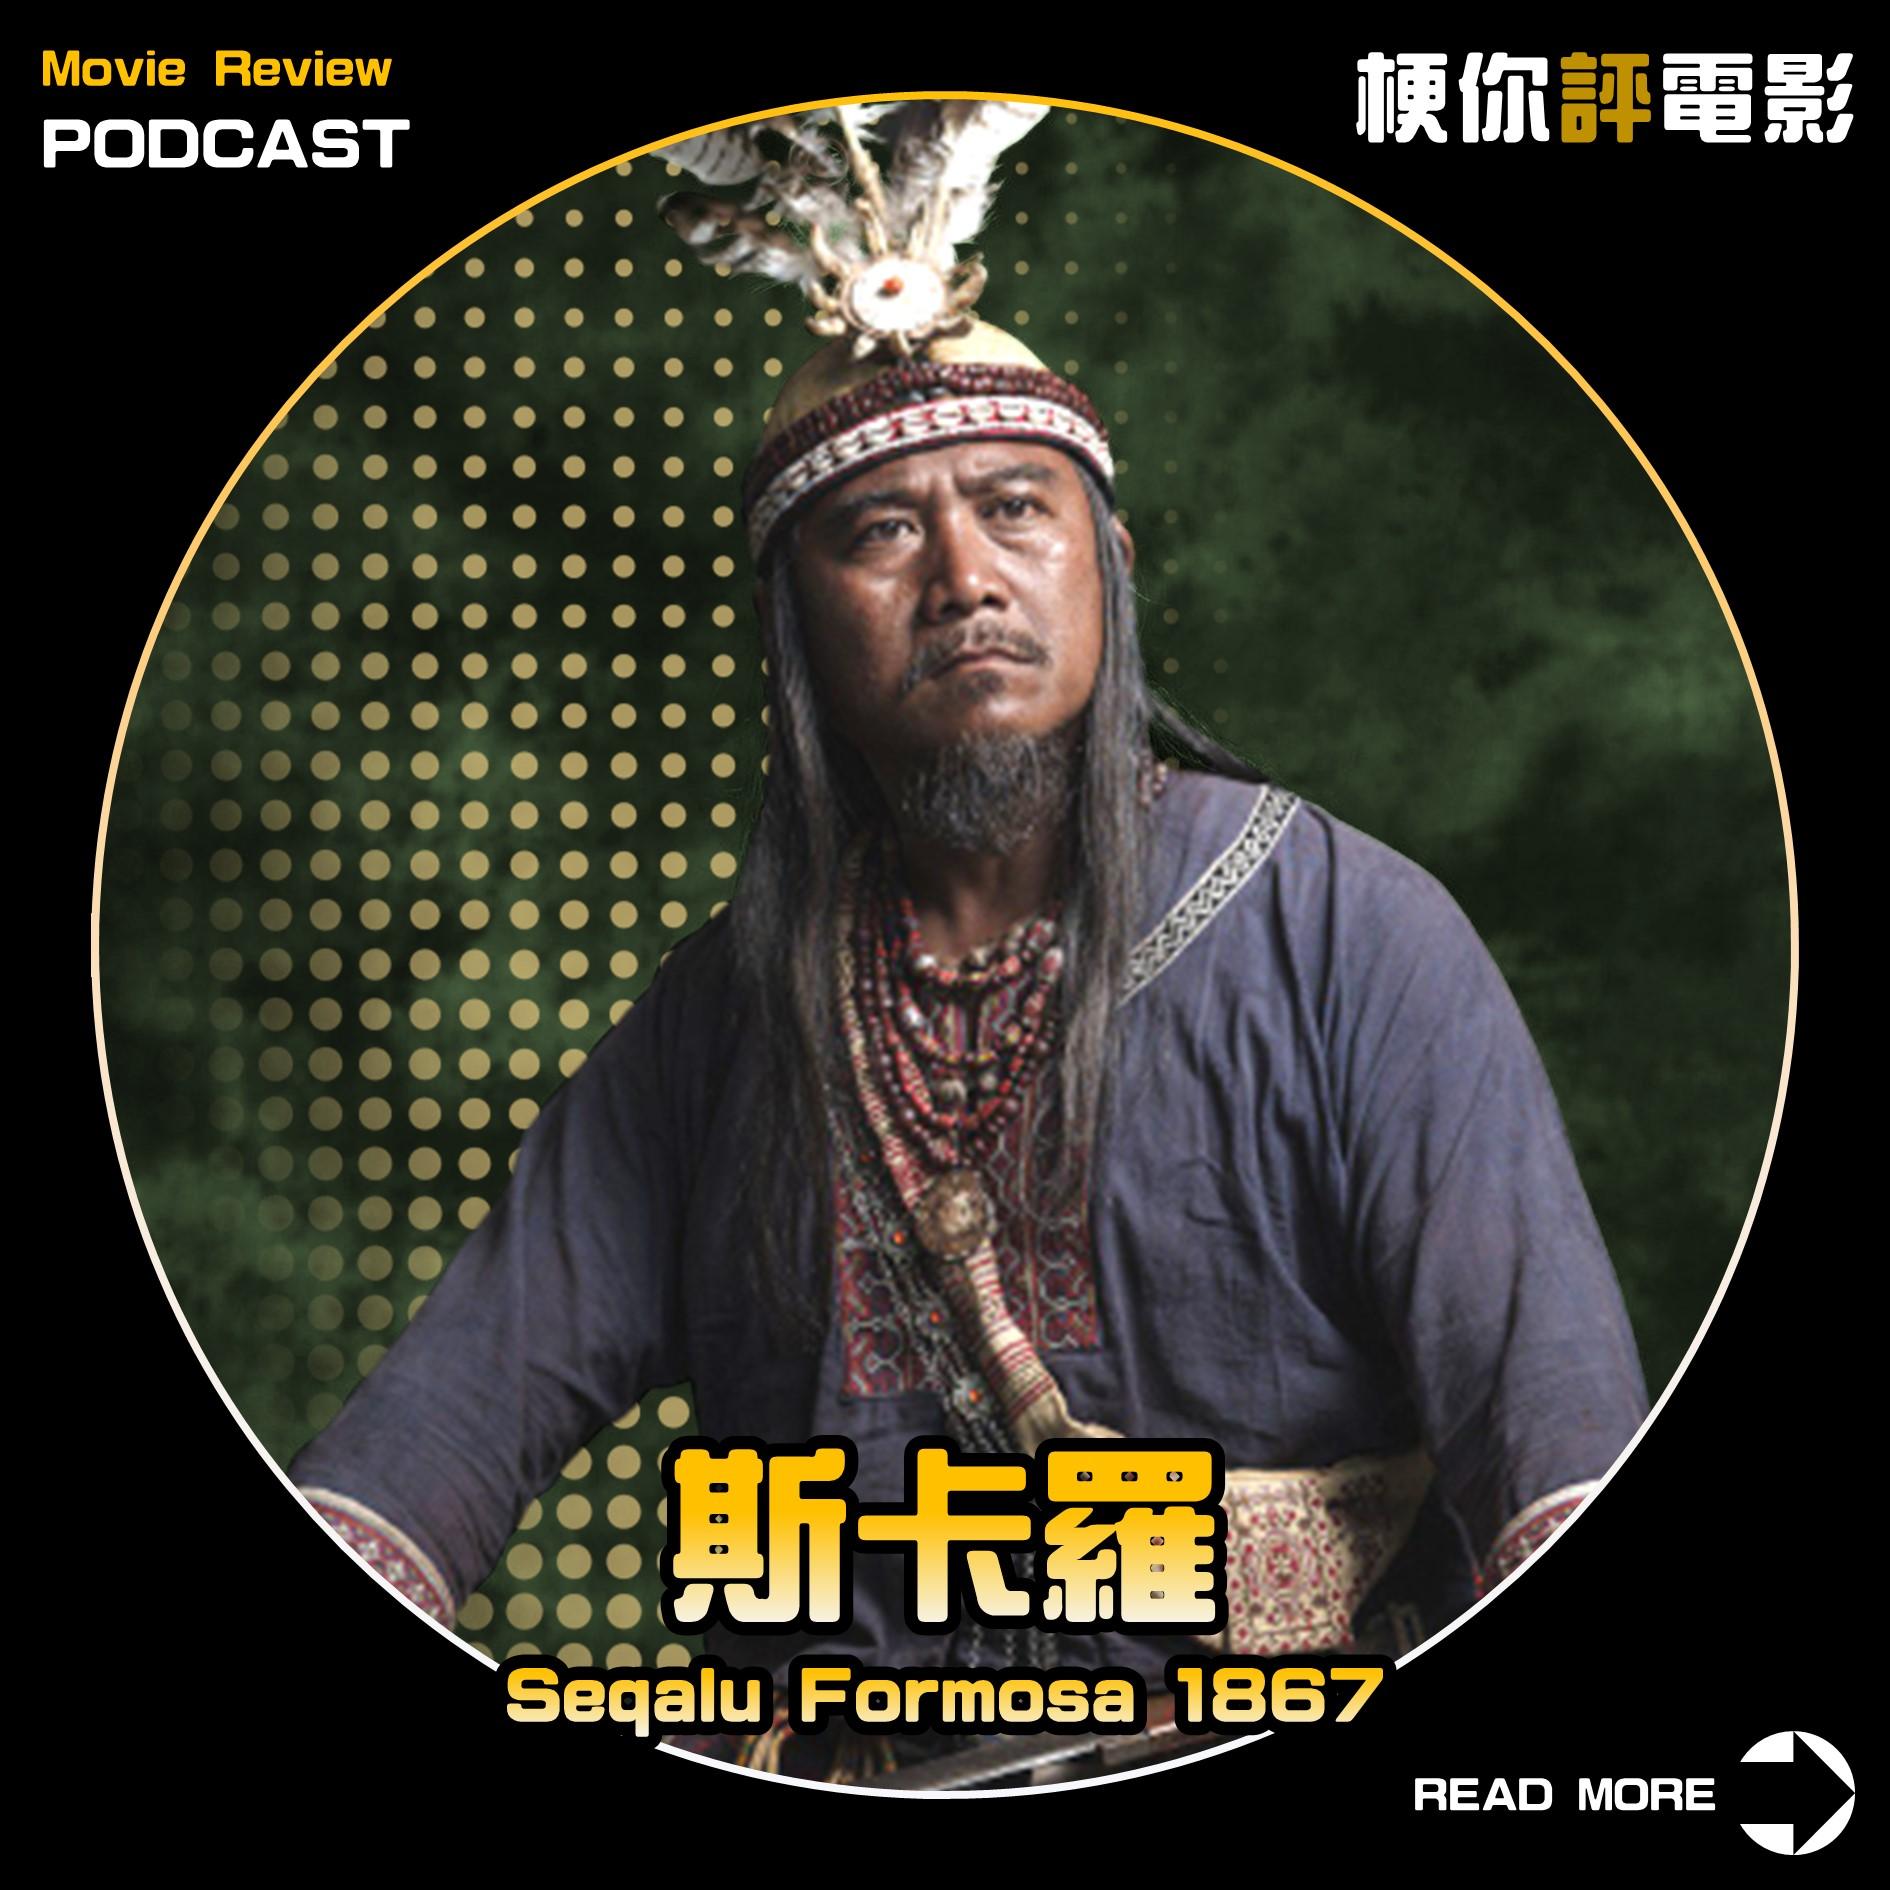 【梗你評影集】《斯卡羅》Seqalu: Formosa 1867   是台灣價值!我看了台灣價值啊!   評論變吐槽大會?    PODCAST XXY feat 金老ㄕ + 馬雅國駐臺辦事處 馬雅人